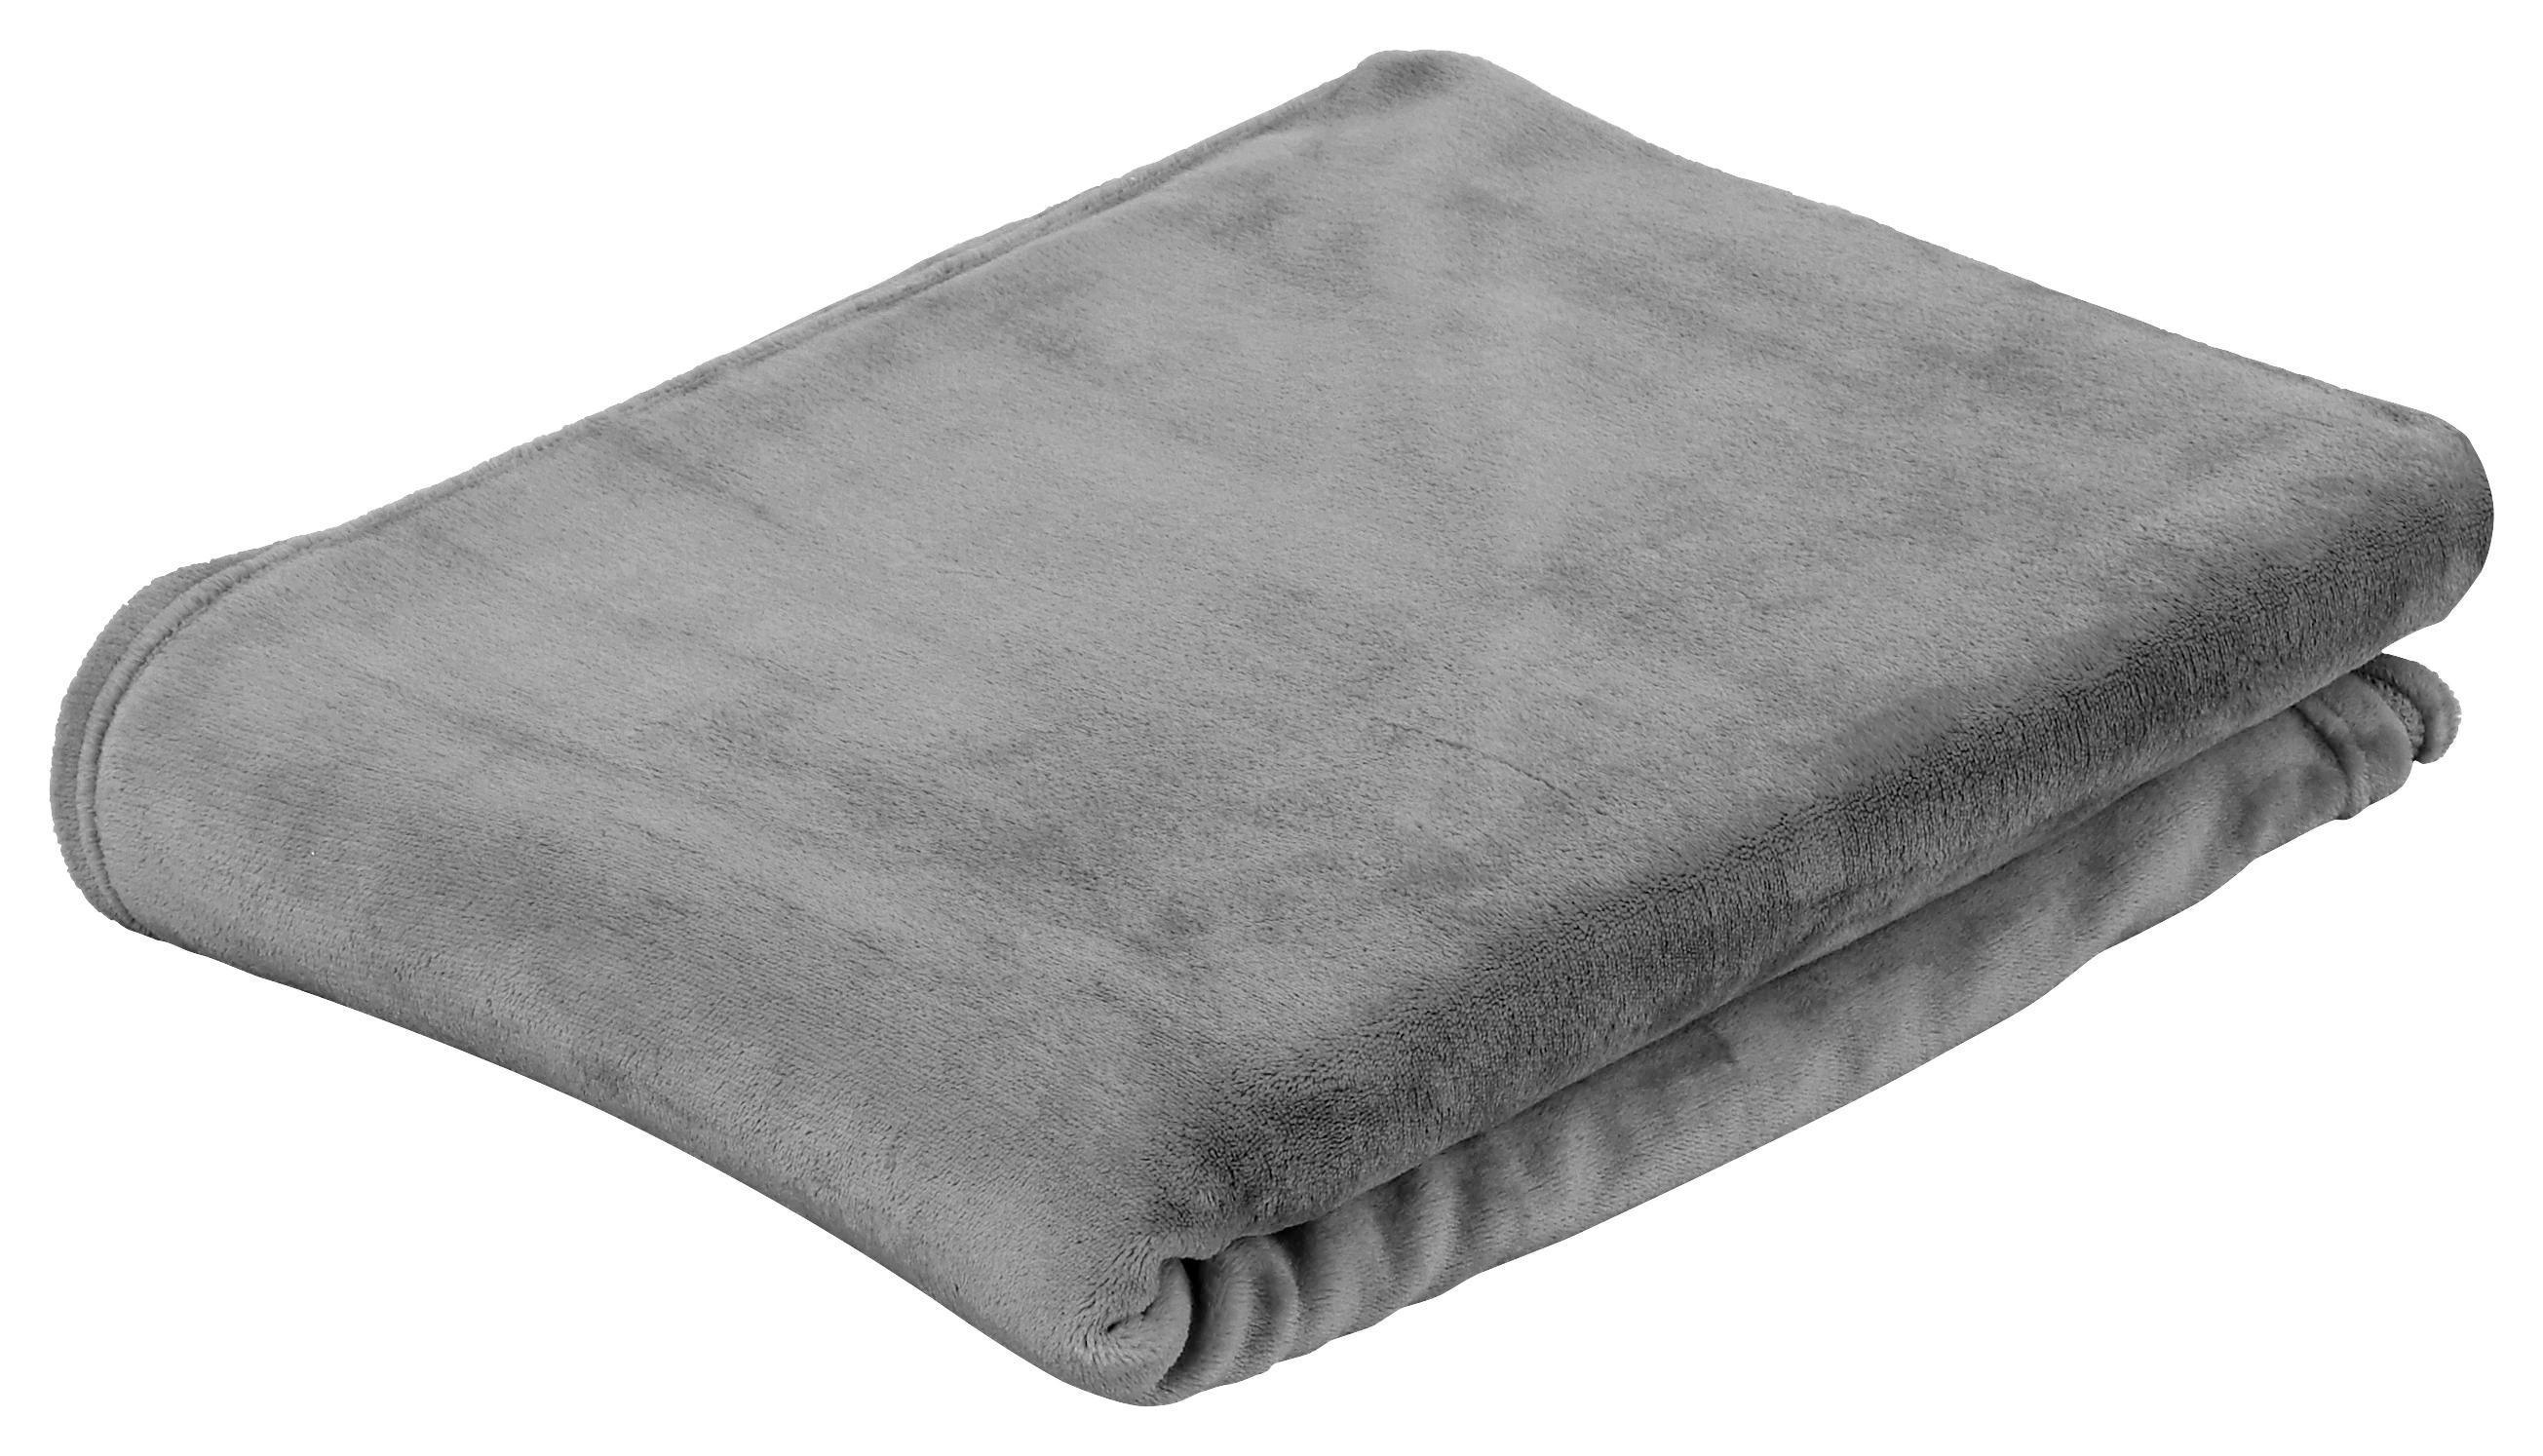 Puha Takaró Marlies I - szürke, konvencionális, textil (220/240cm) - LUCA BESSONI